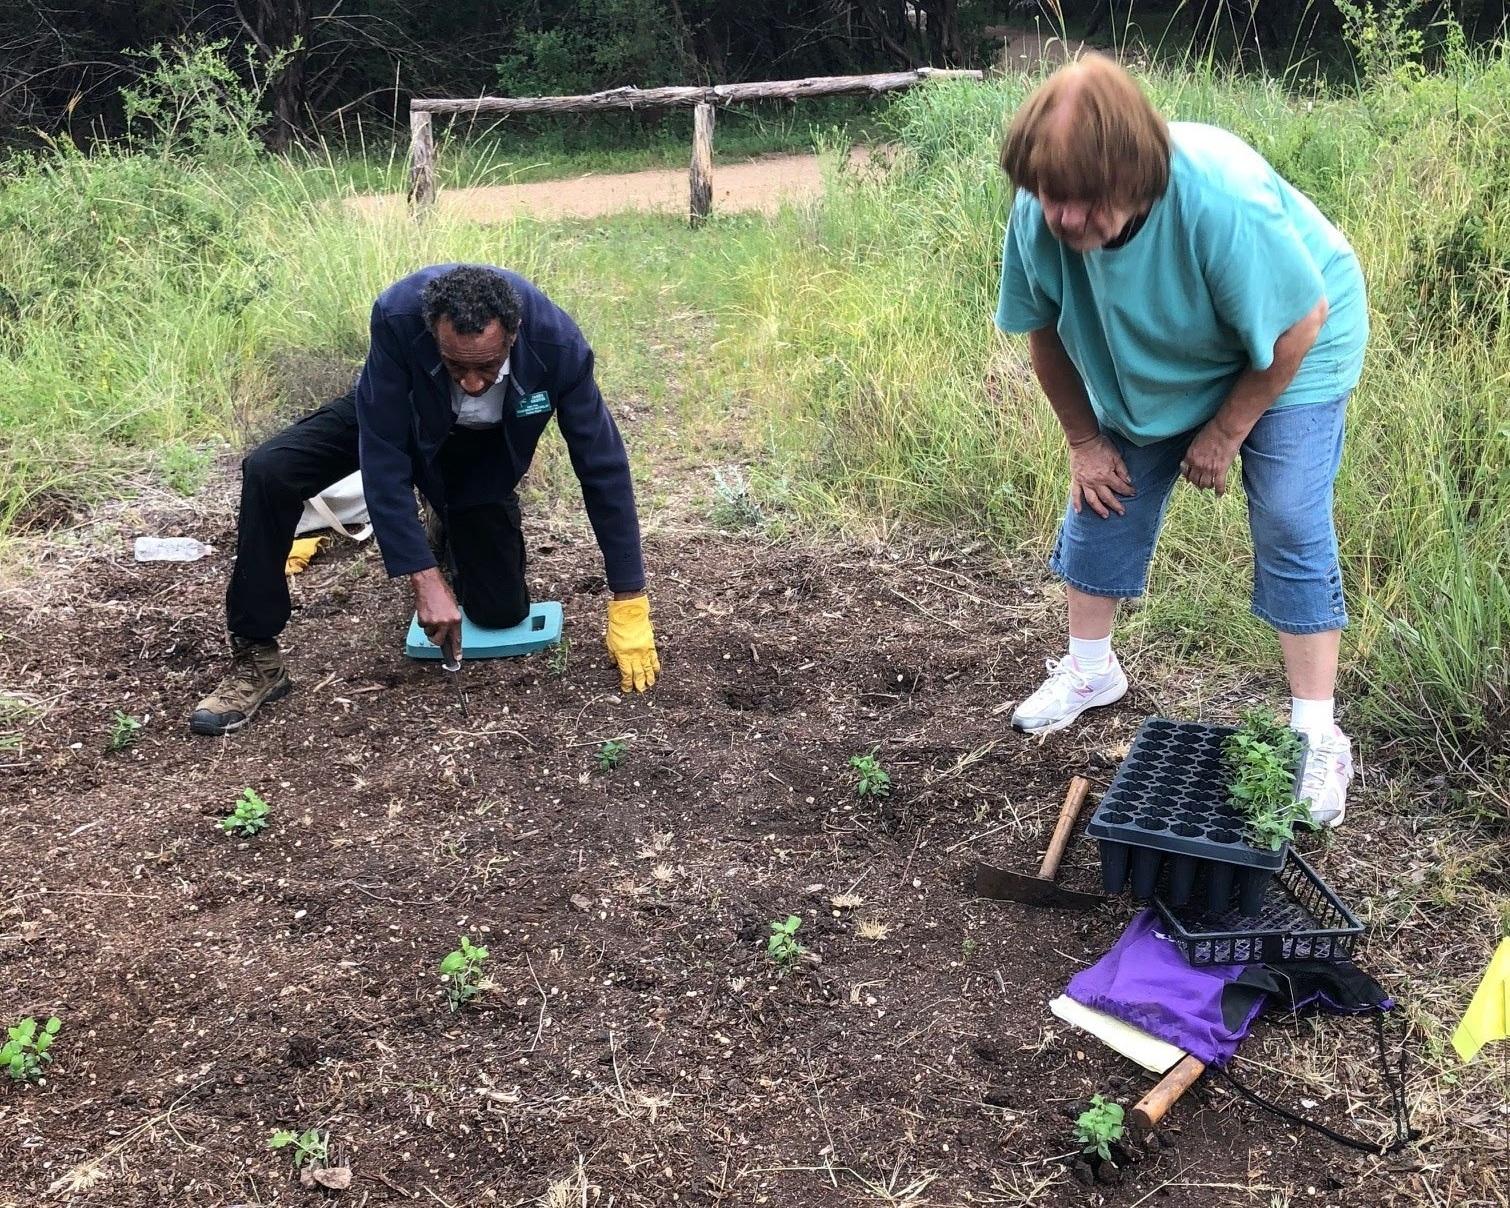 Volunteers assist in planting seedlings.